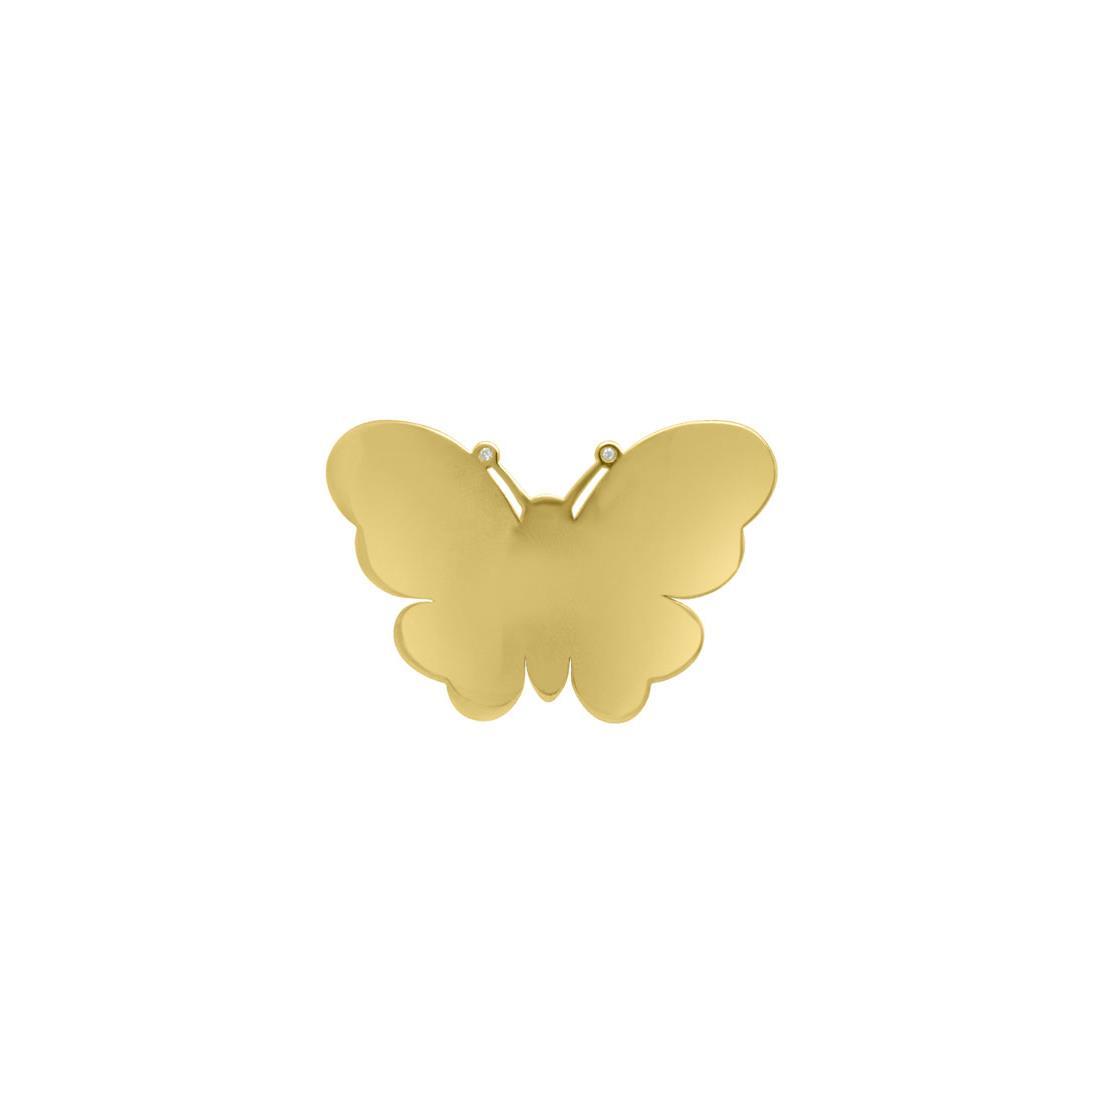 Monoorecchino in oro giallo con diamanti - PASQUALE BRUNI